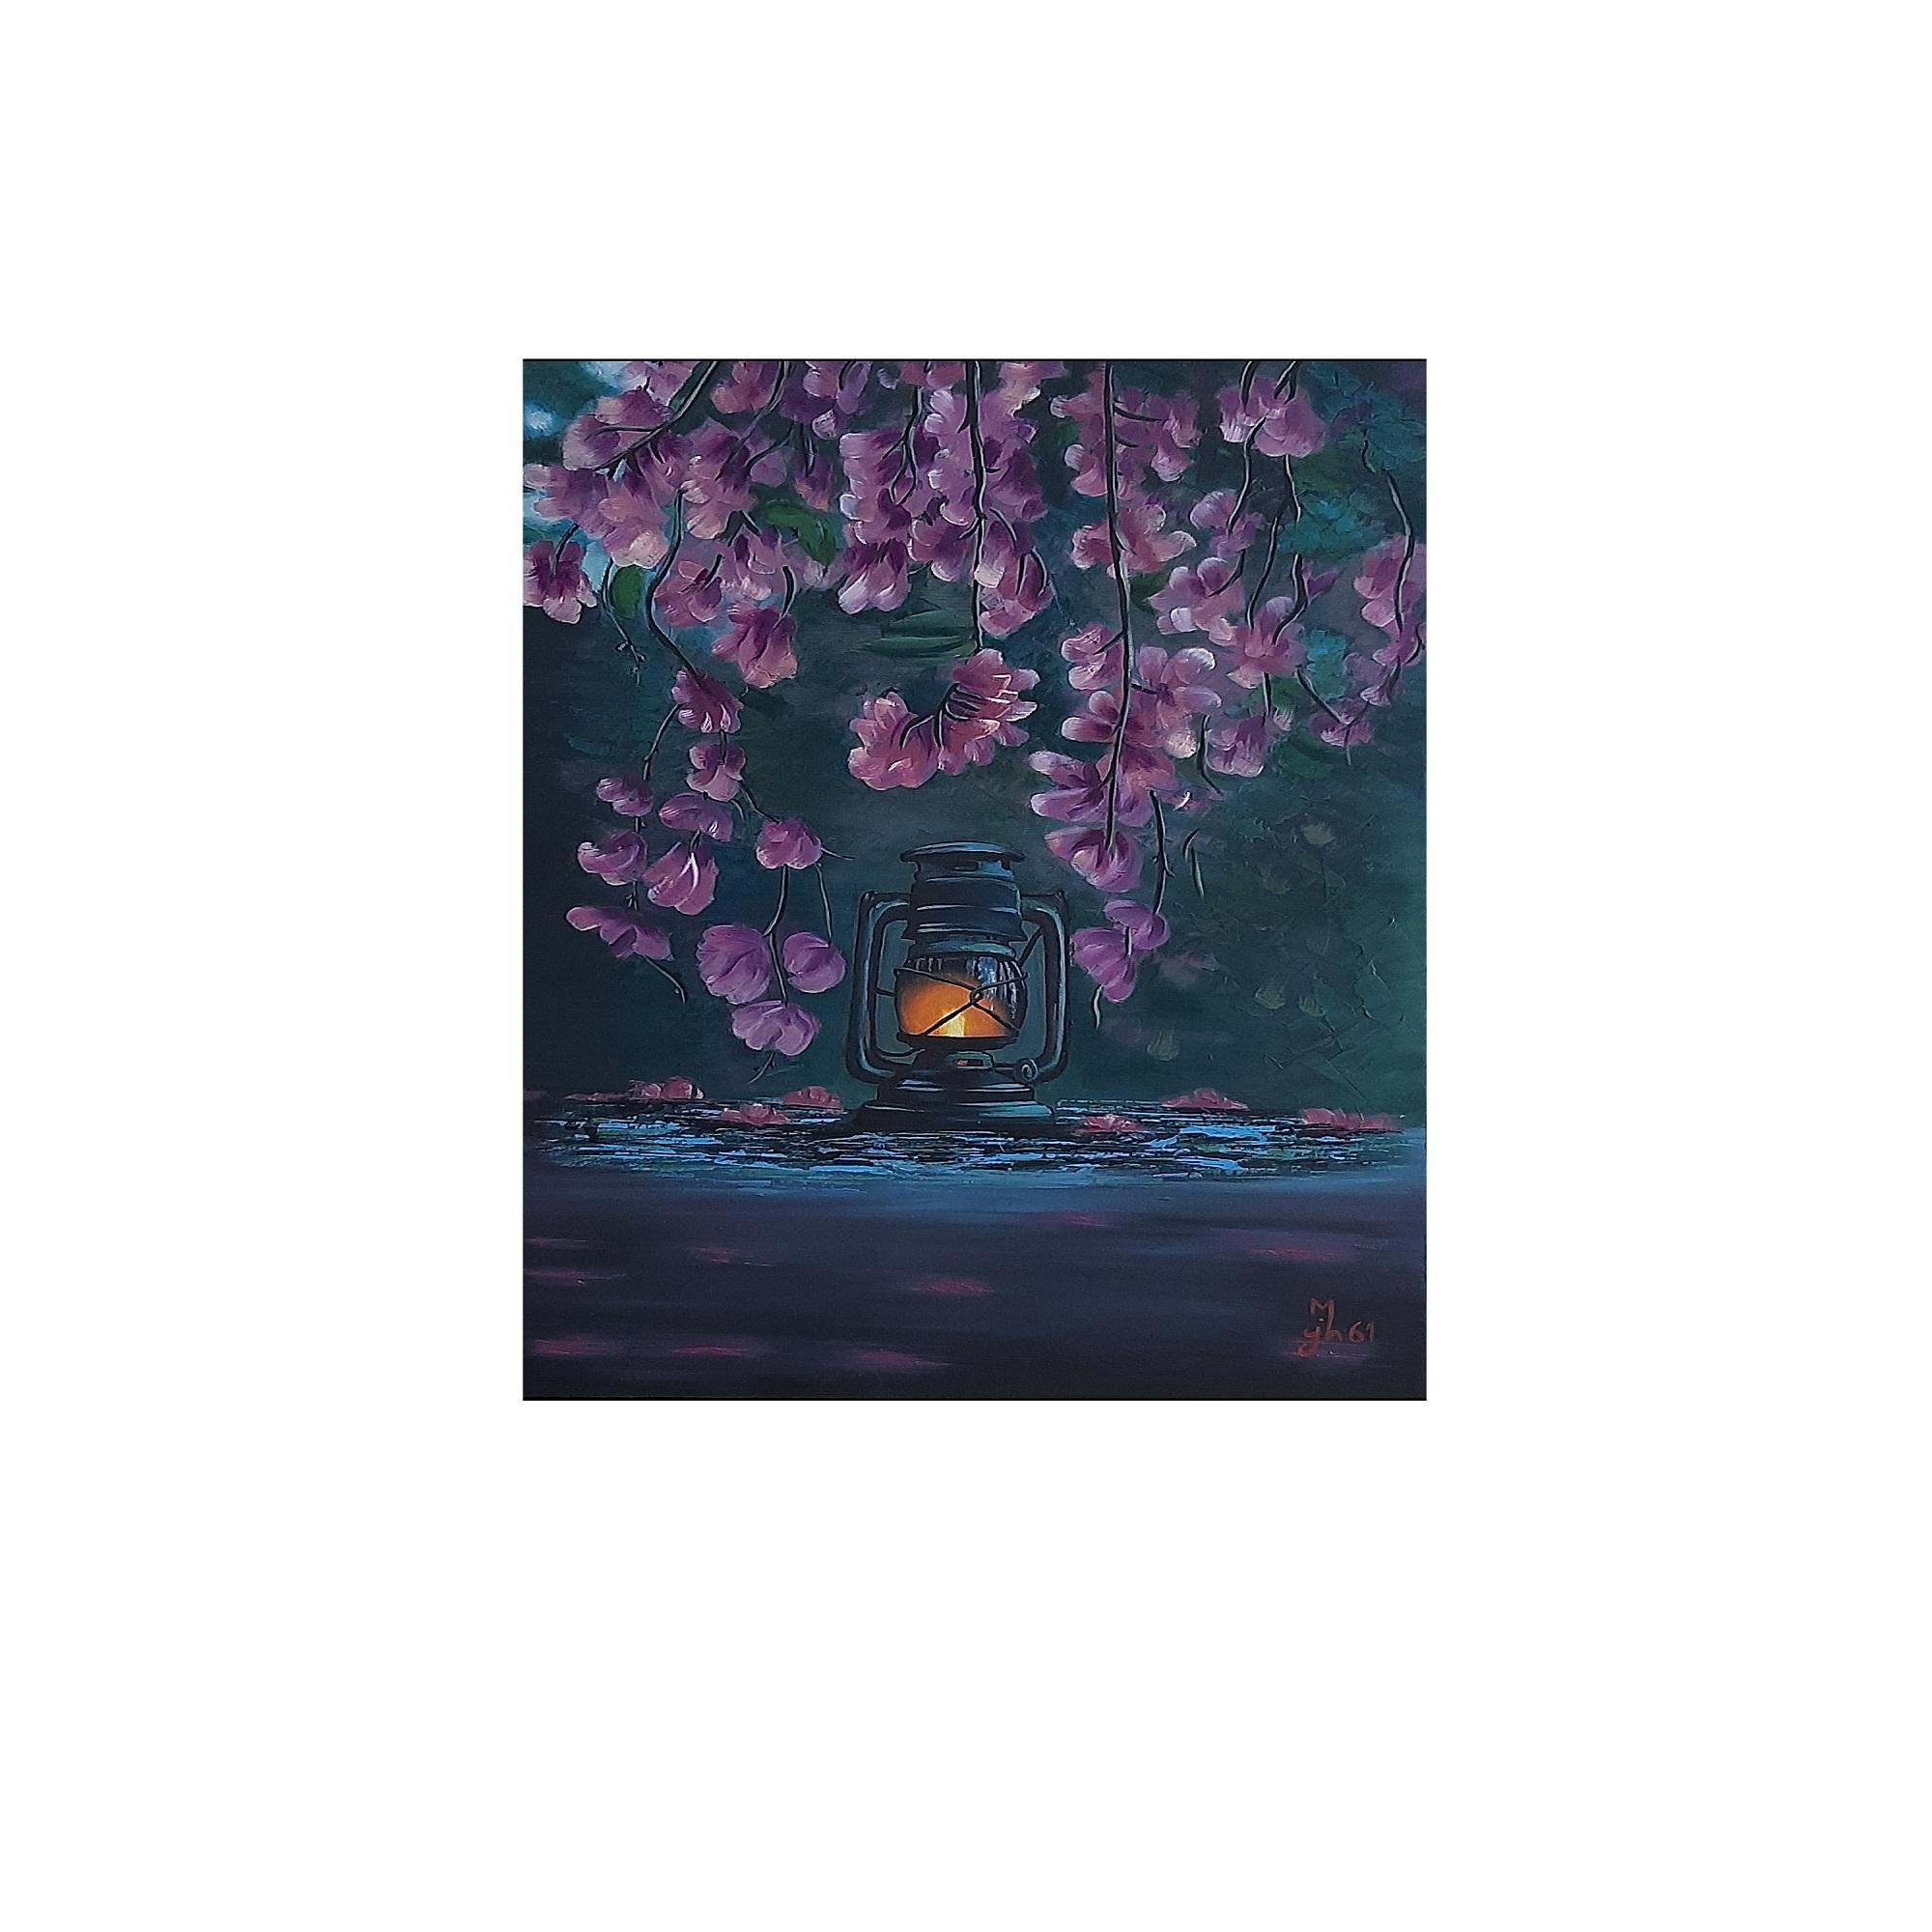 تابلو نقاشی رنگ روغن طرح گل و فانوس کد 3289255